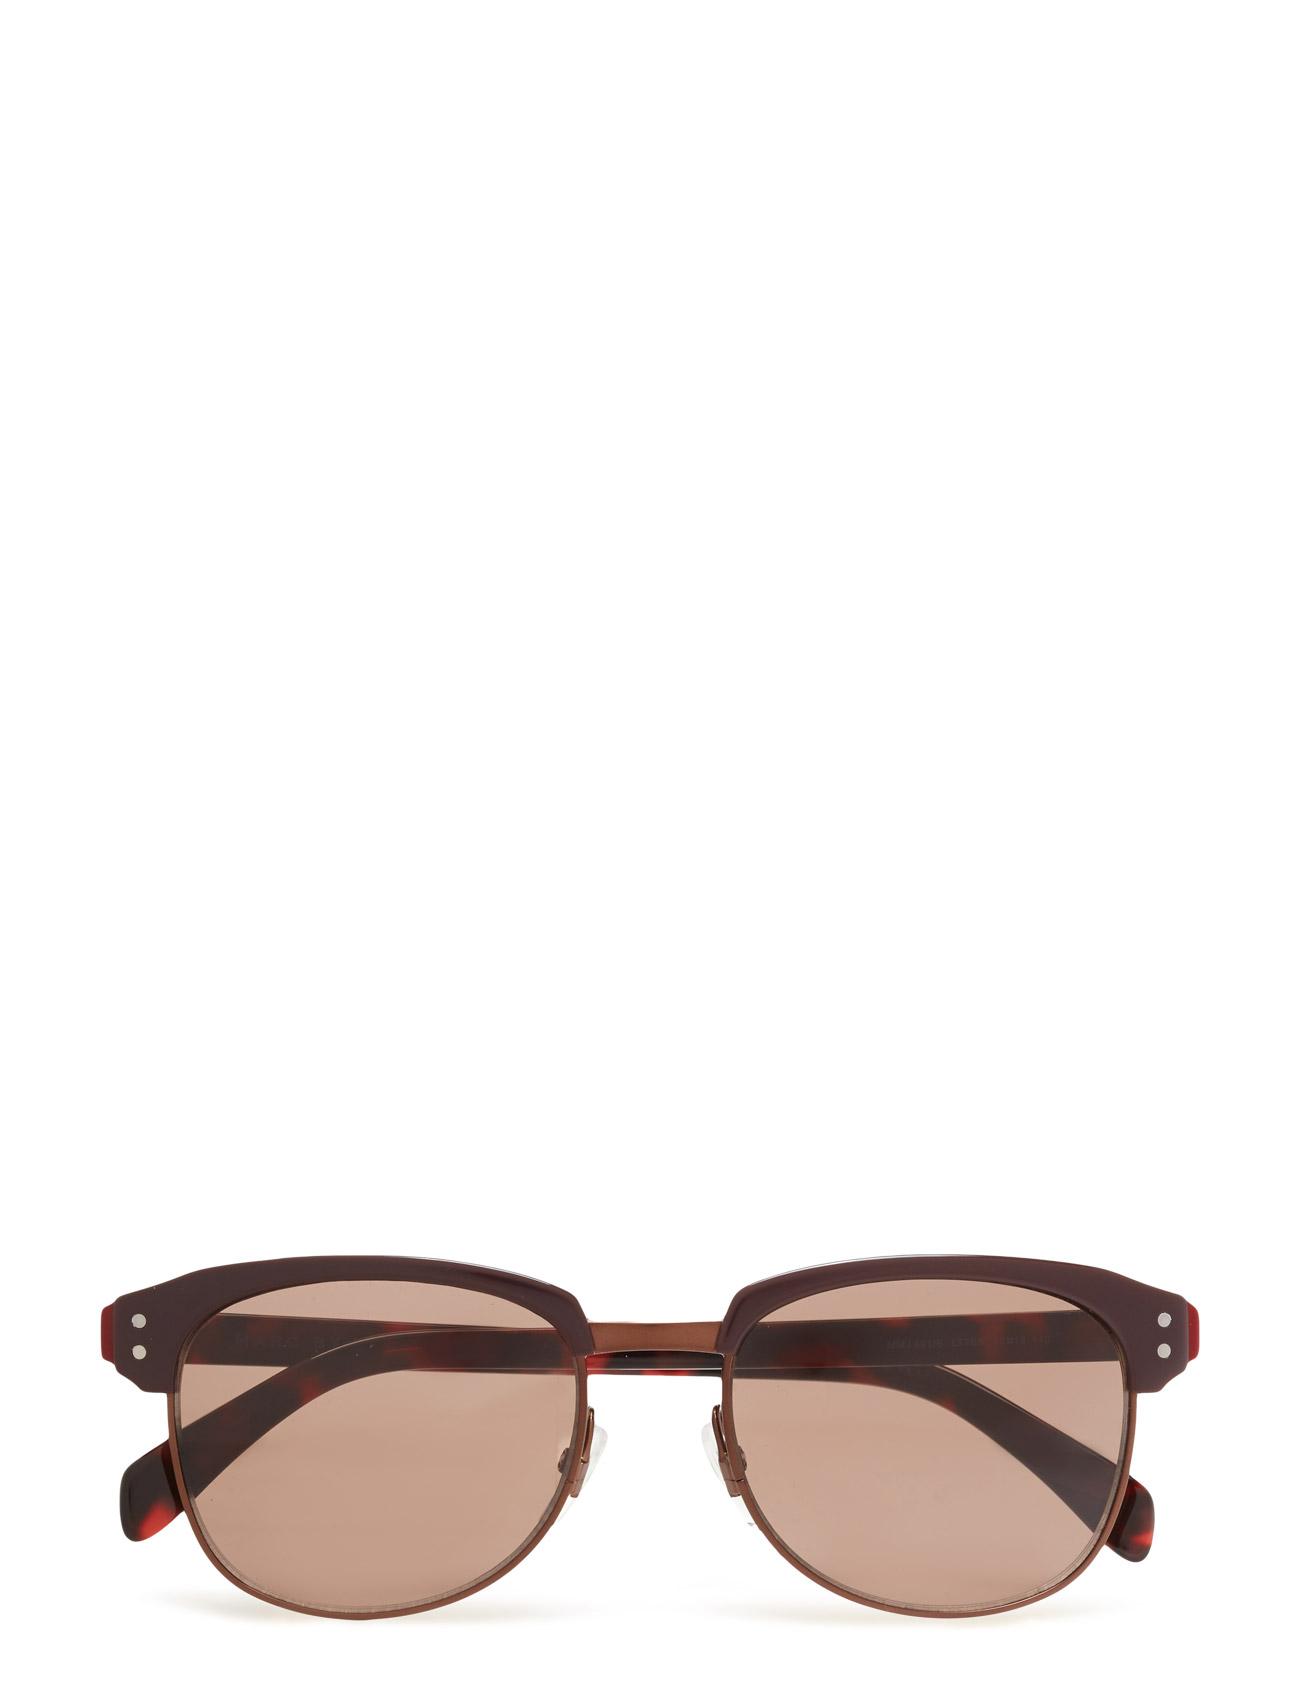 Mmj 491/S Marc by Marc Jacobs Sunglasses Solbriller til Unisex i